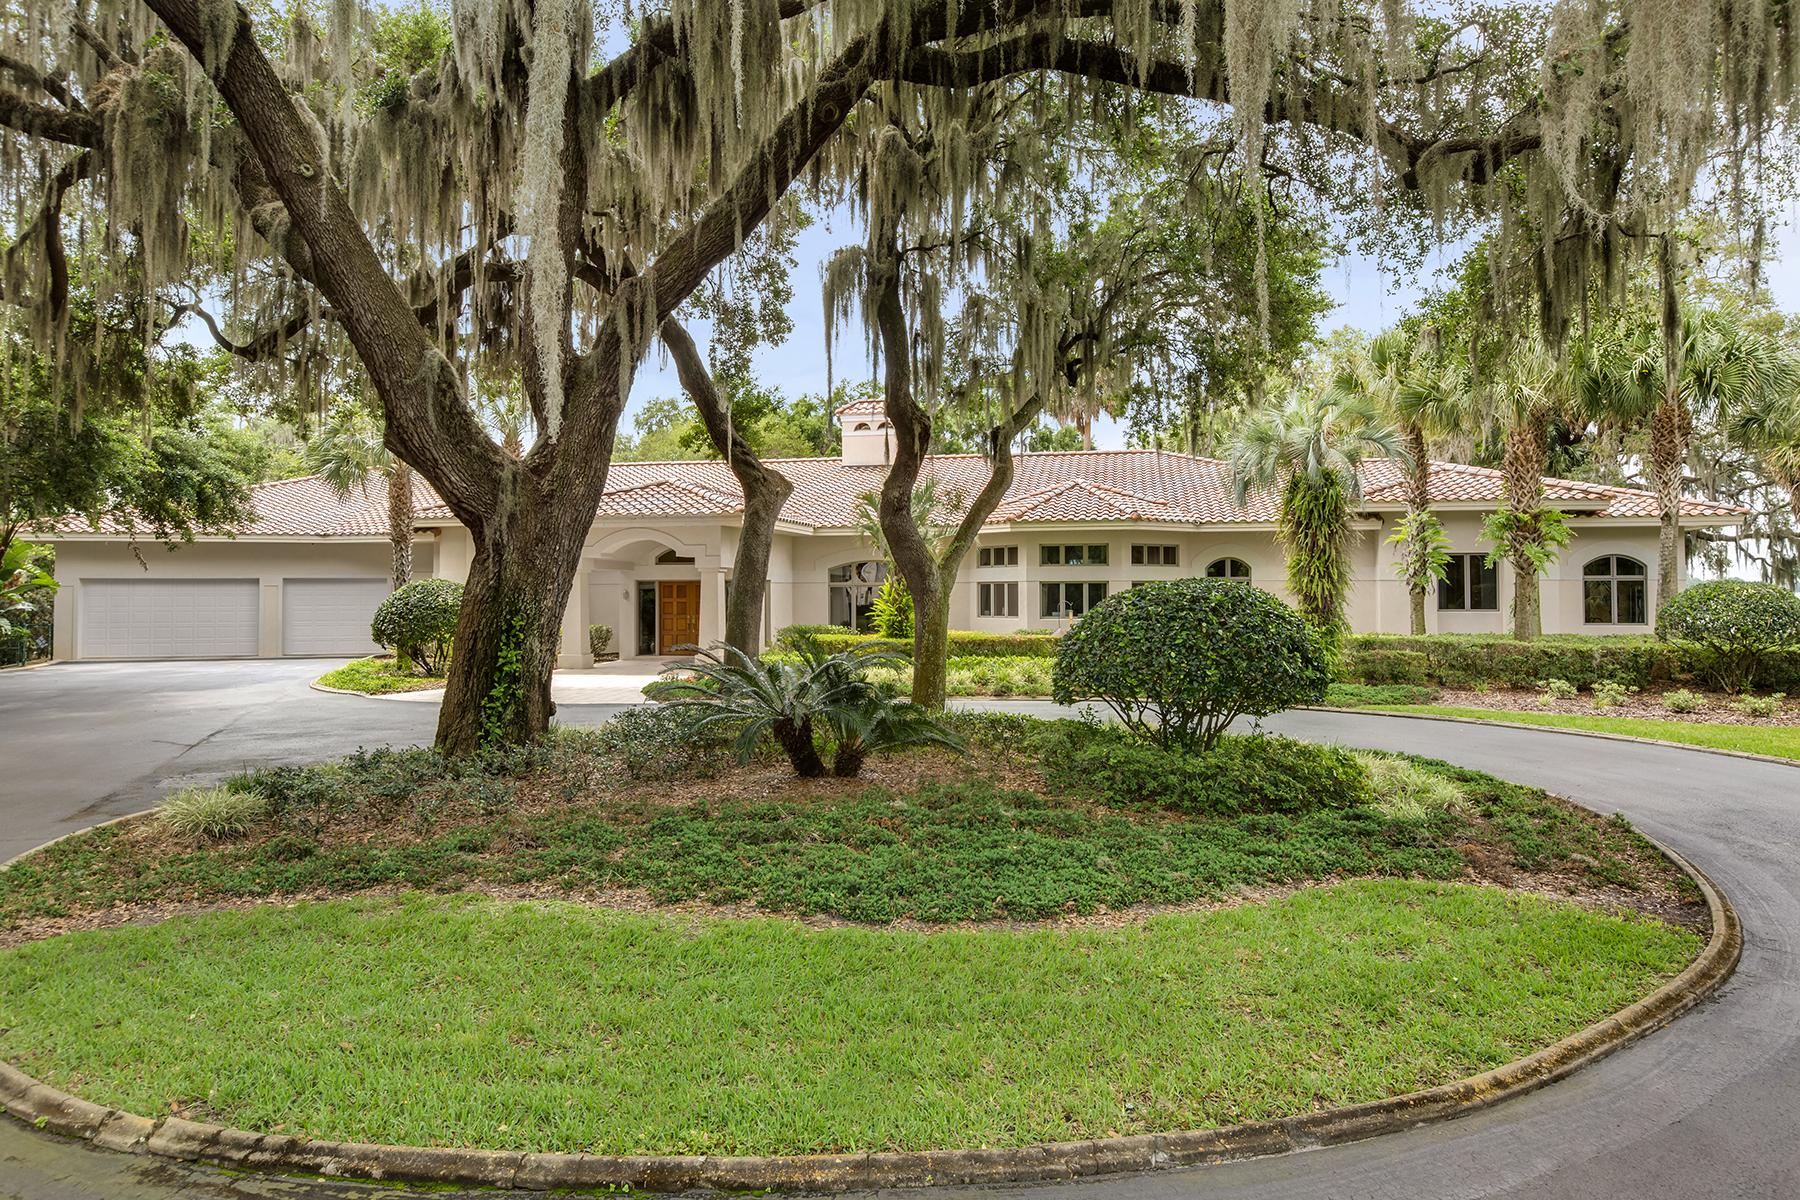 Maison unifamiliale pour l Vente à ORLANDO - MOUNT DORA 3400 Lakeshore Dr Mount Dora, Florida, 32757 États-Unis